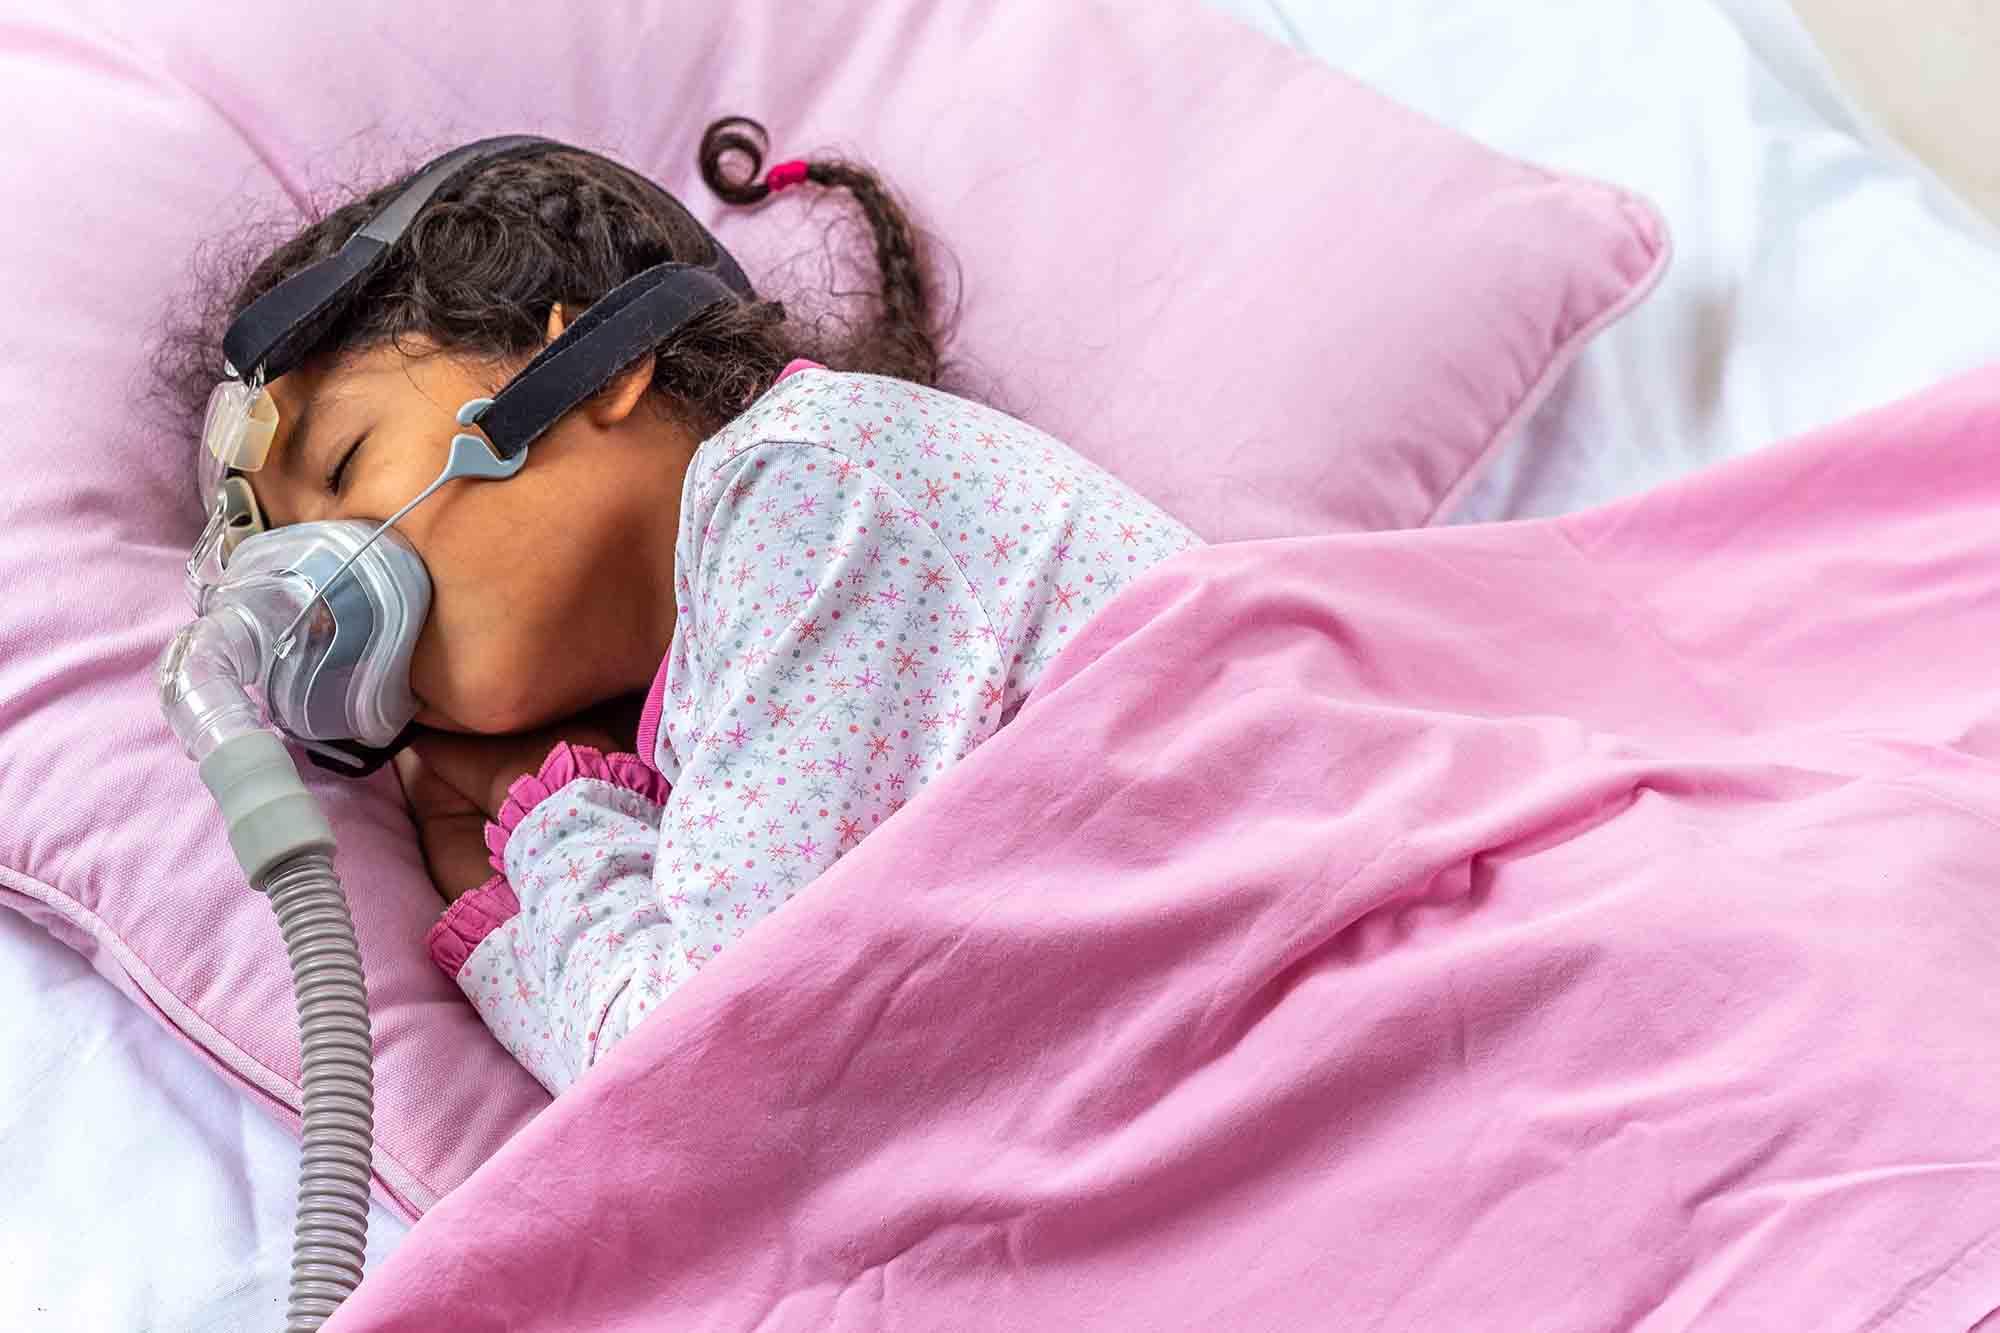 criança pequeno com aparelho de respiração